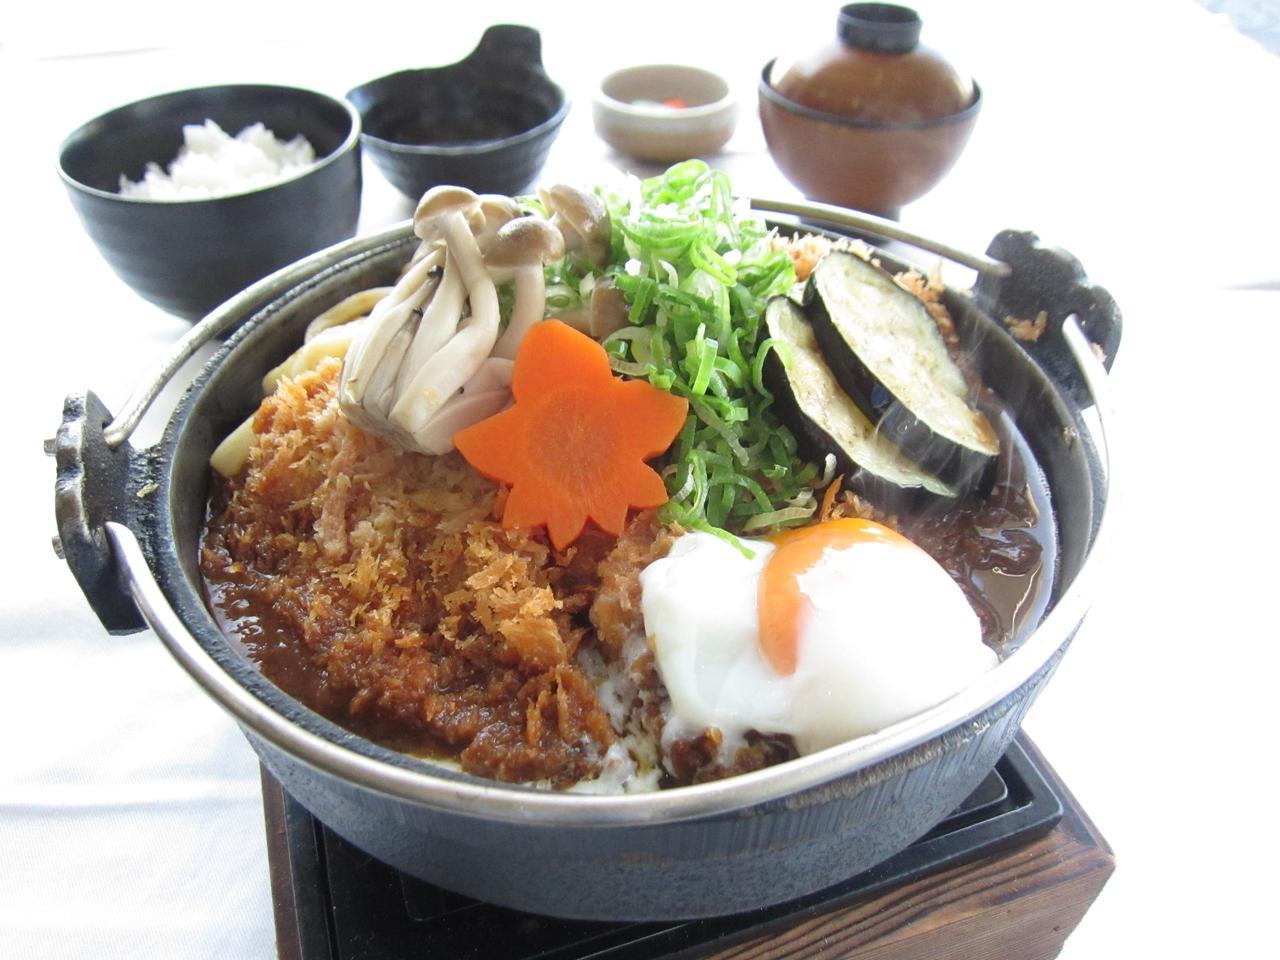 画像: 味噌カツ鍋御膳。提供地域は千葉県・神奈川県・静岡県・茨城県